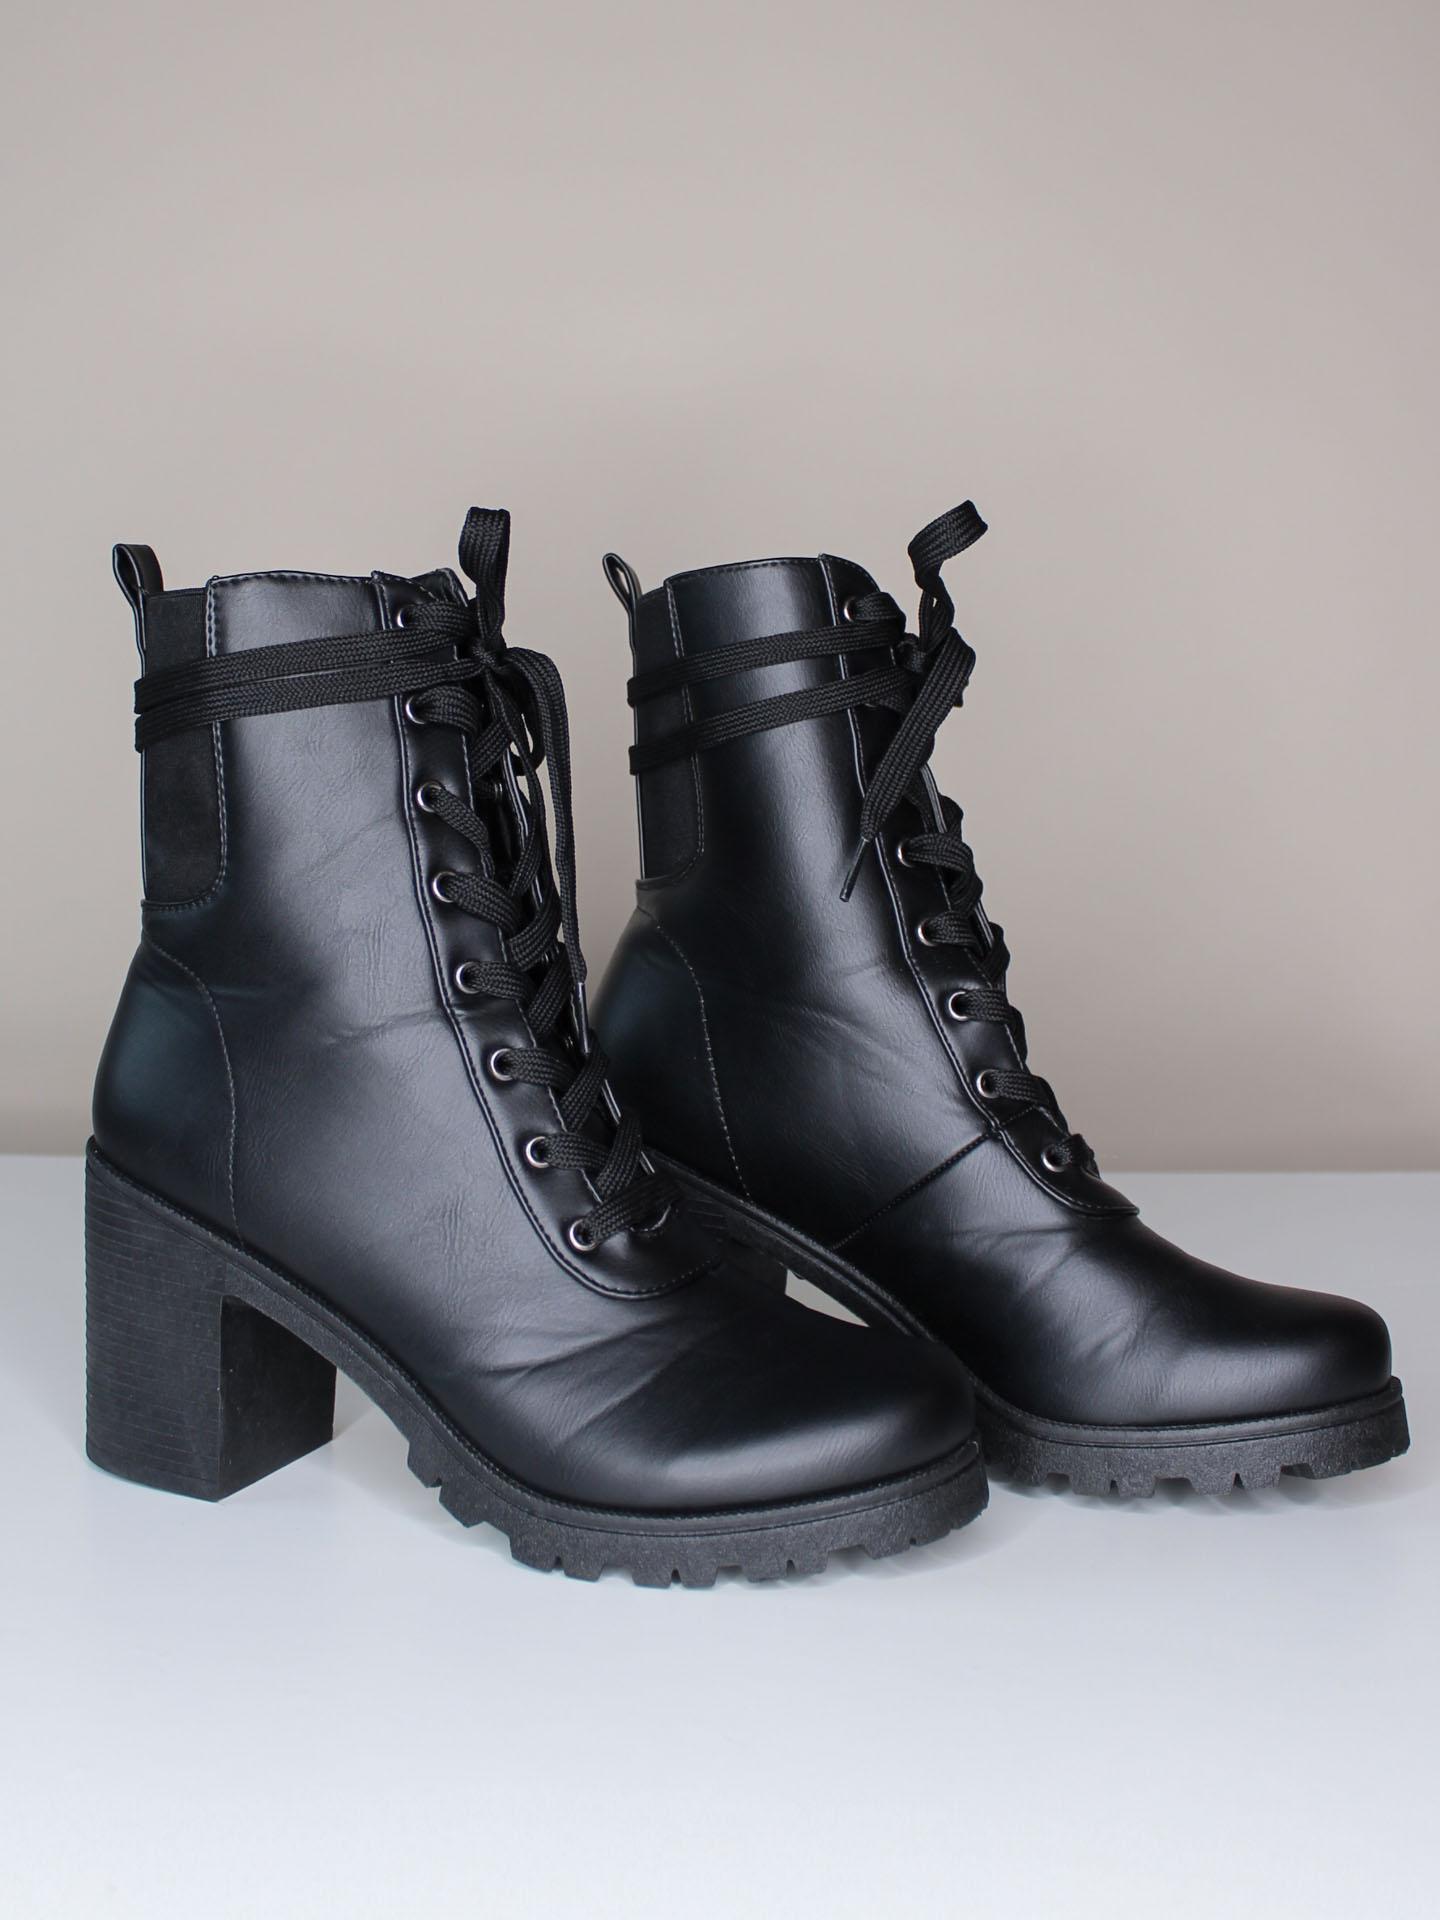 Sorrento Bootie - Combat Black Lace Up Heels